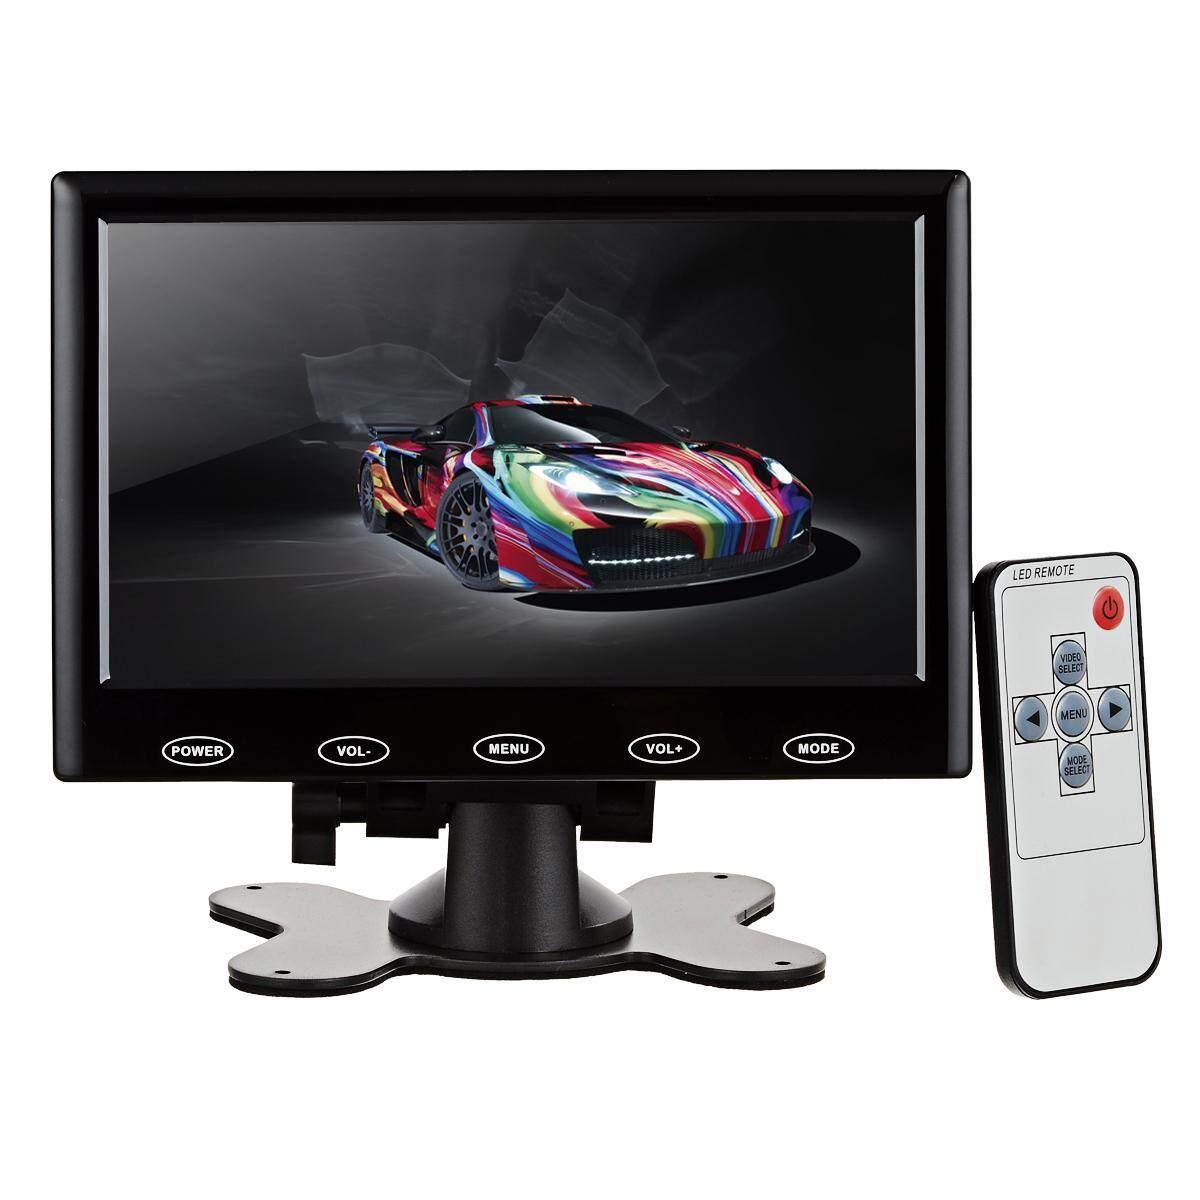 7 Hd Hdmi Lcd Monitor Layar Tampilan Dengan Vga, Hdmi, Av, Audio-Hitam-Internasional By Sea Center.